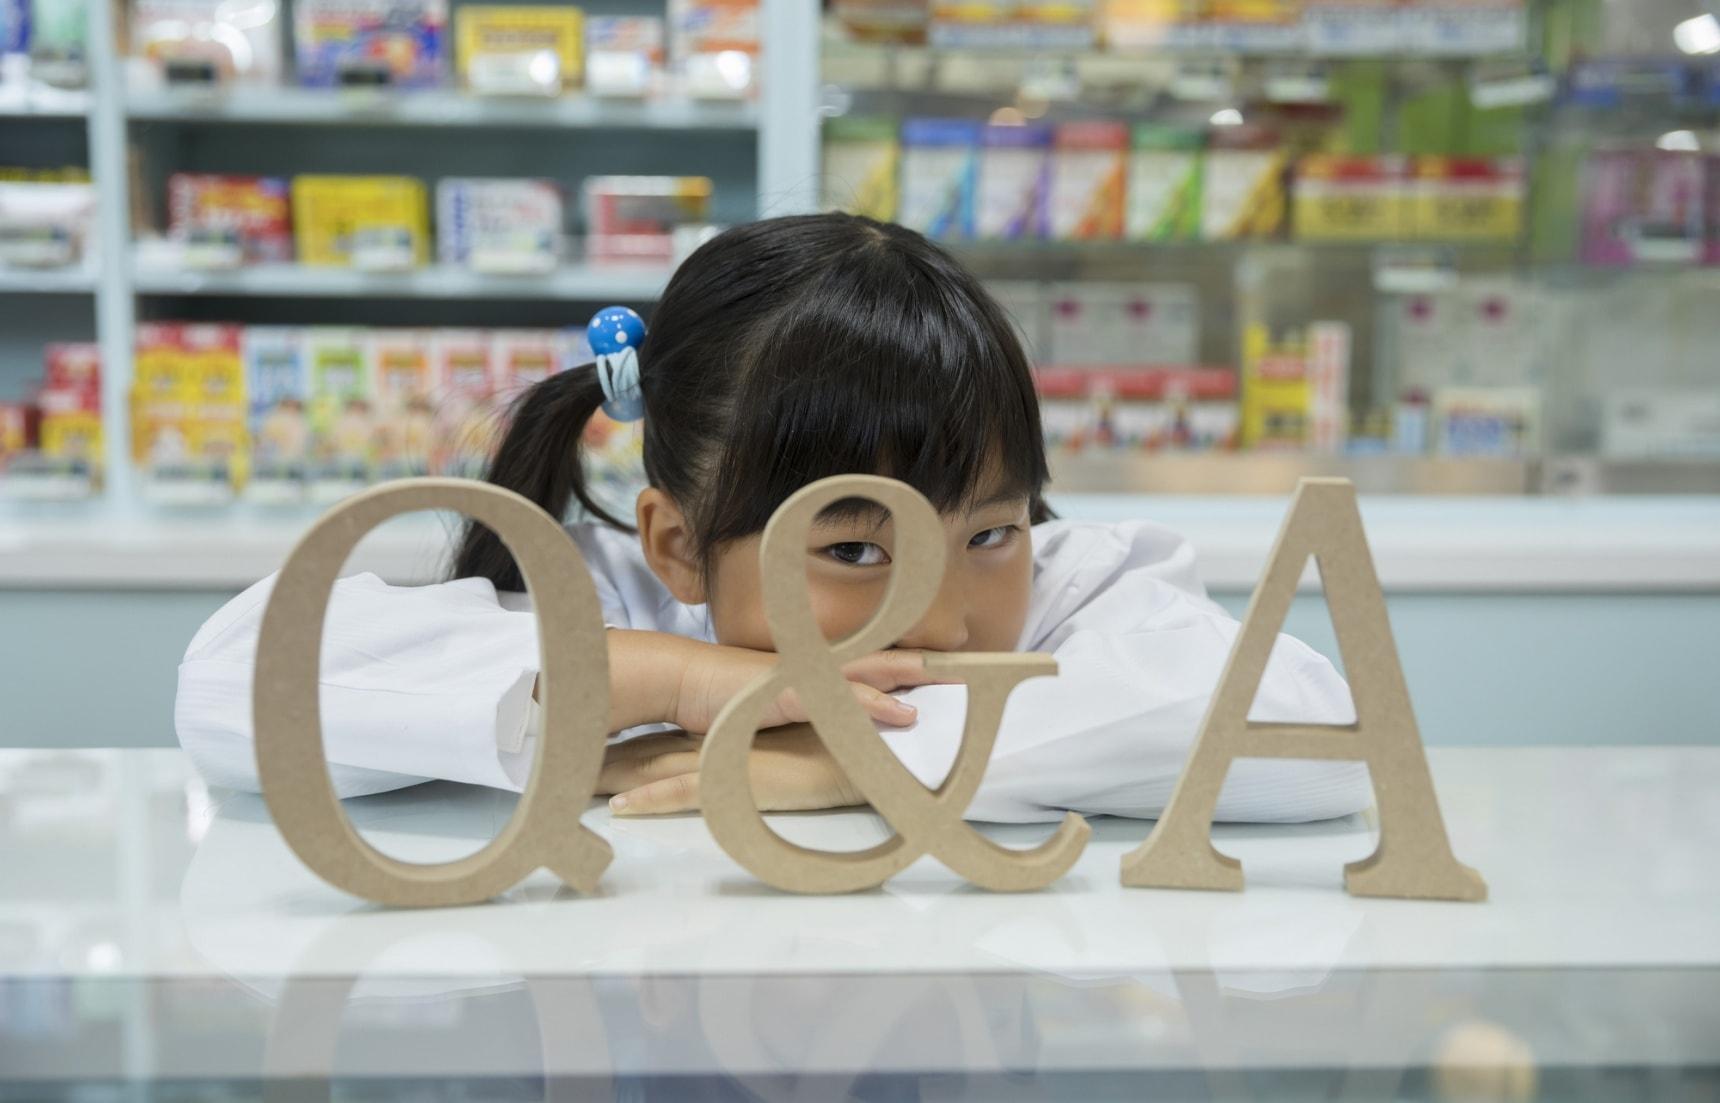 豆知识|日本药品知多少?1类、2类、3类药品傻傻分不清楚吗?